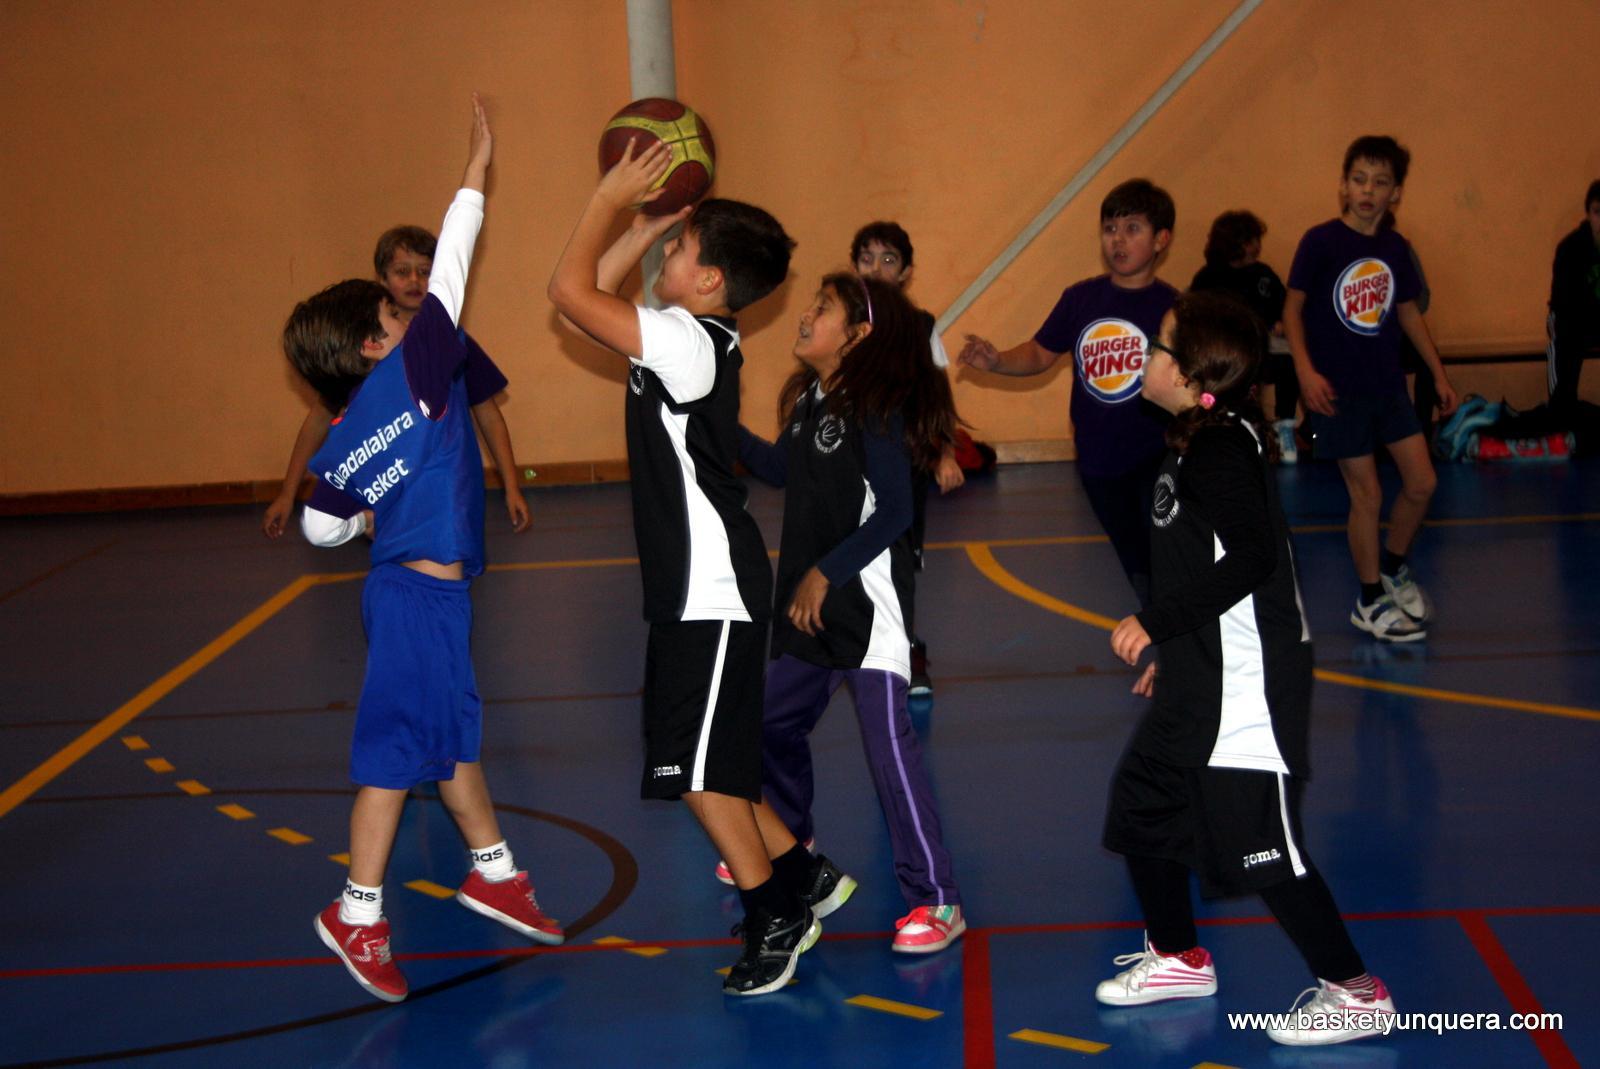 Celebrada la 3ª Jornada de la Liga Benjamín y Prebenjamín de Baloncesto 'Dama de la Campiña